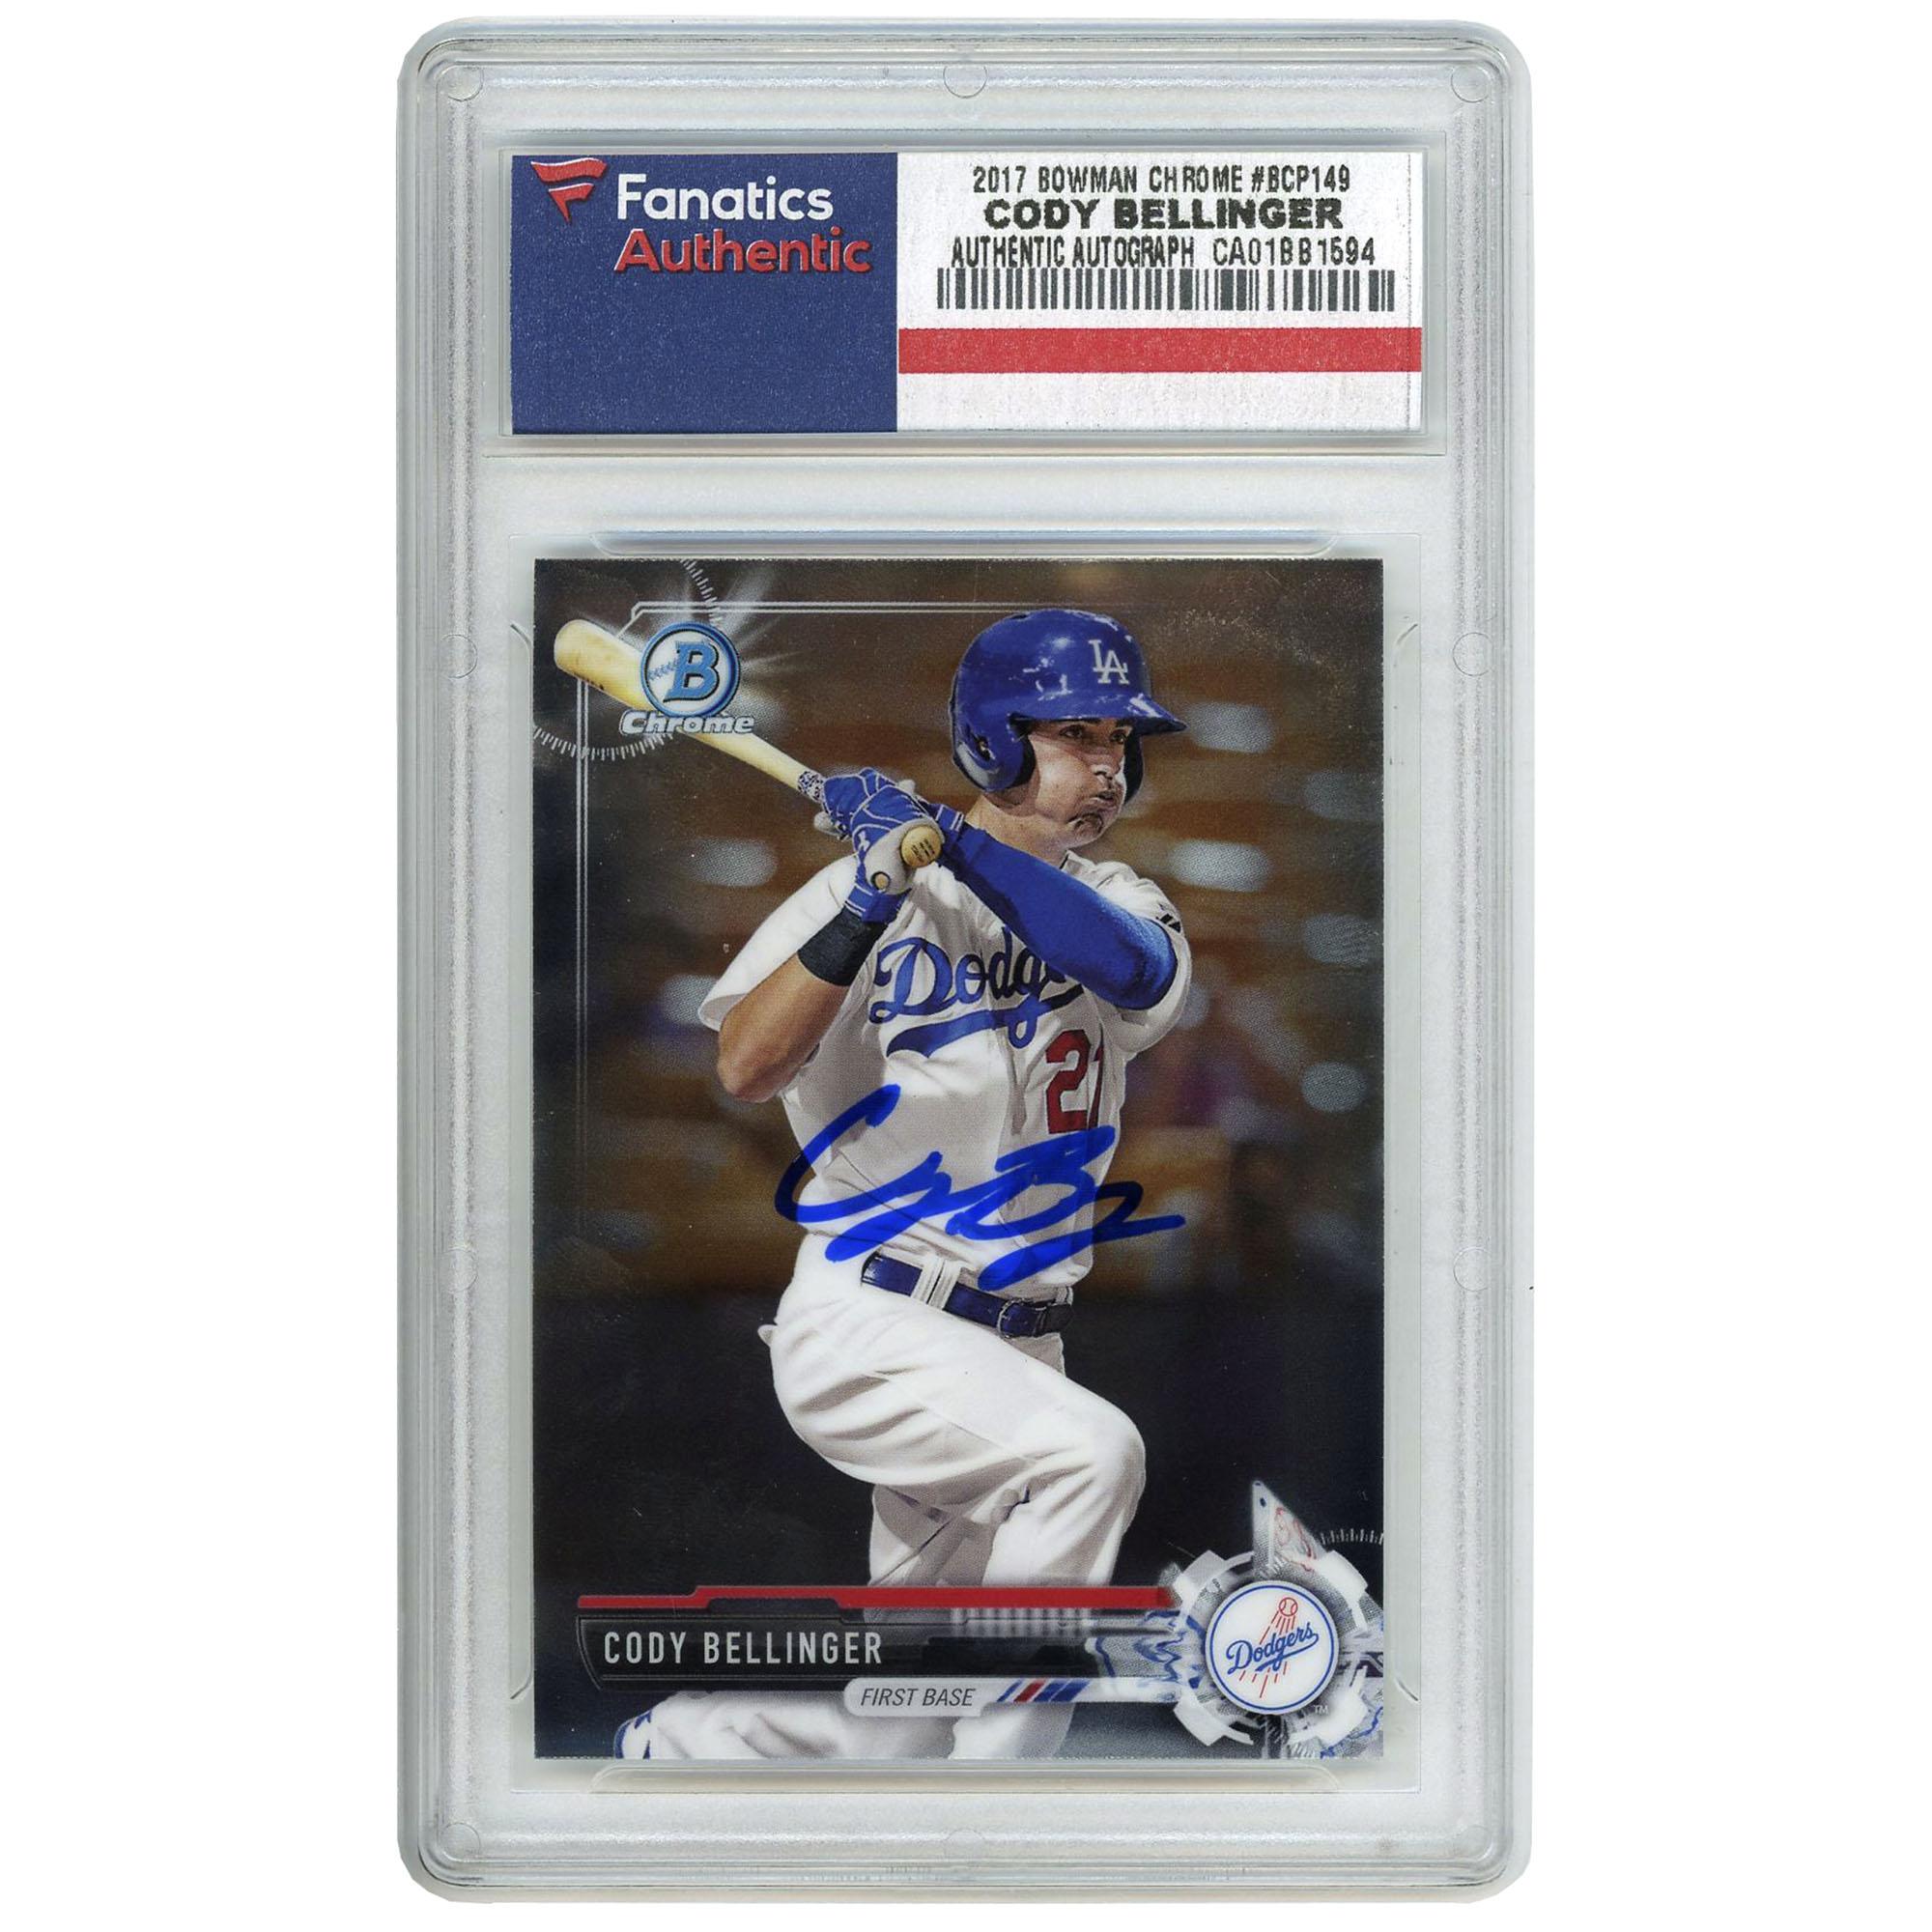 Cody Bellinger Los Angeles Dodgers Fanatics Authentic Autographed 2017 Bowman Chrome Rookie #BCP149 Card - No Size